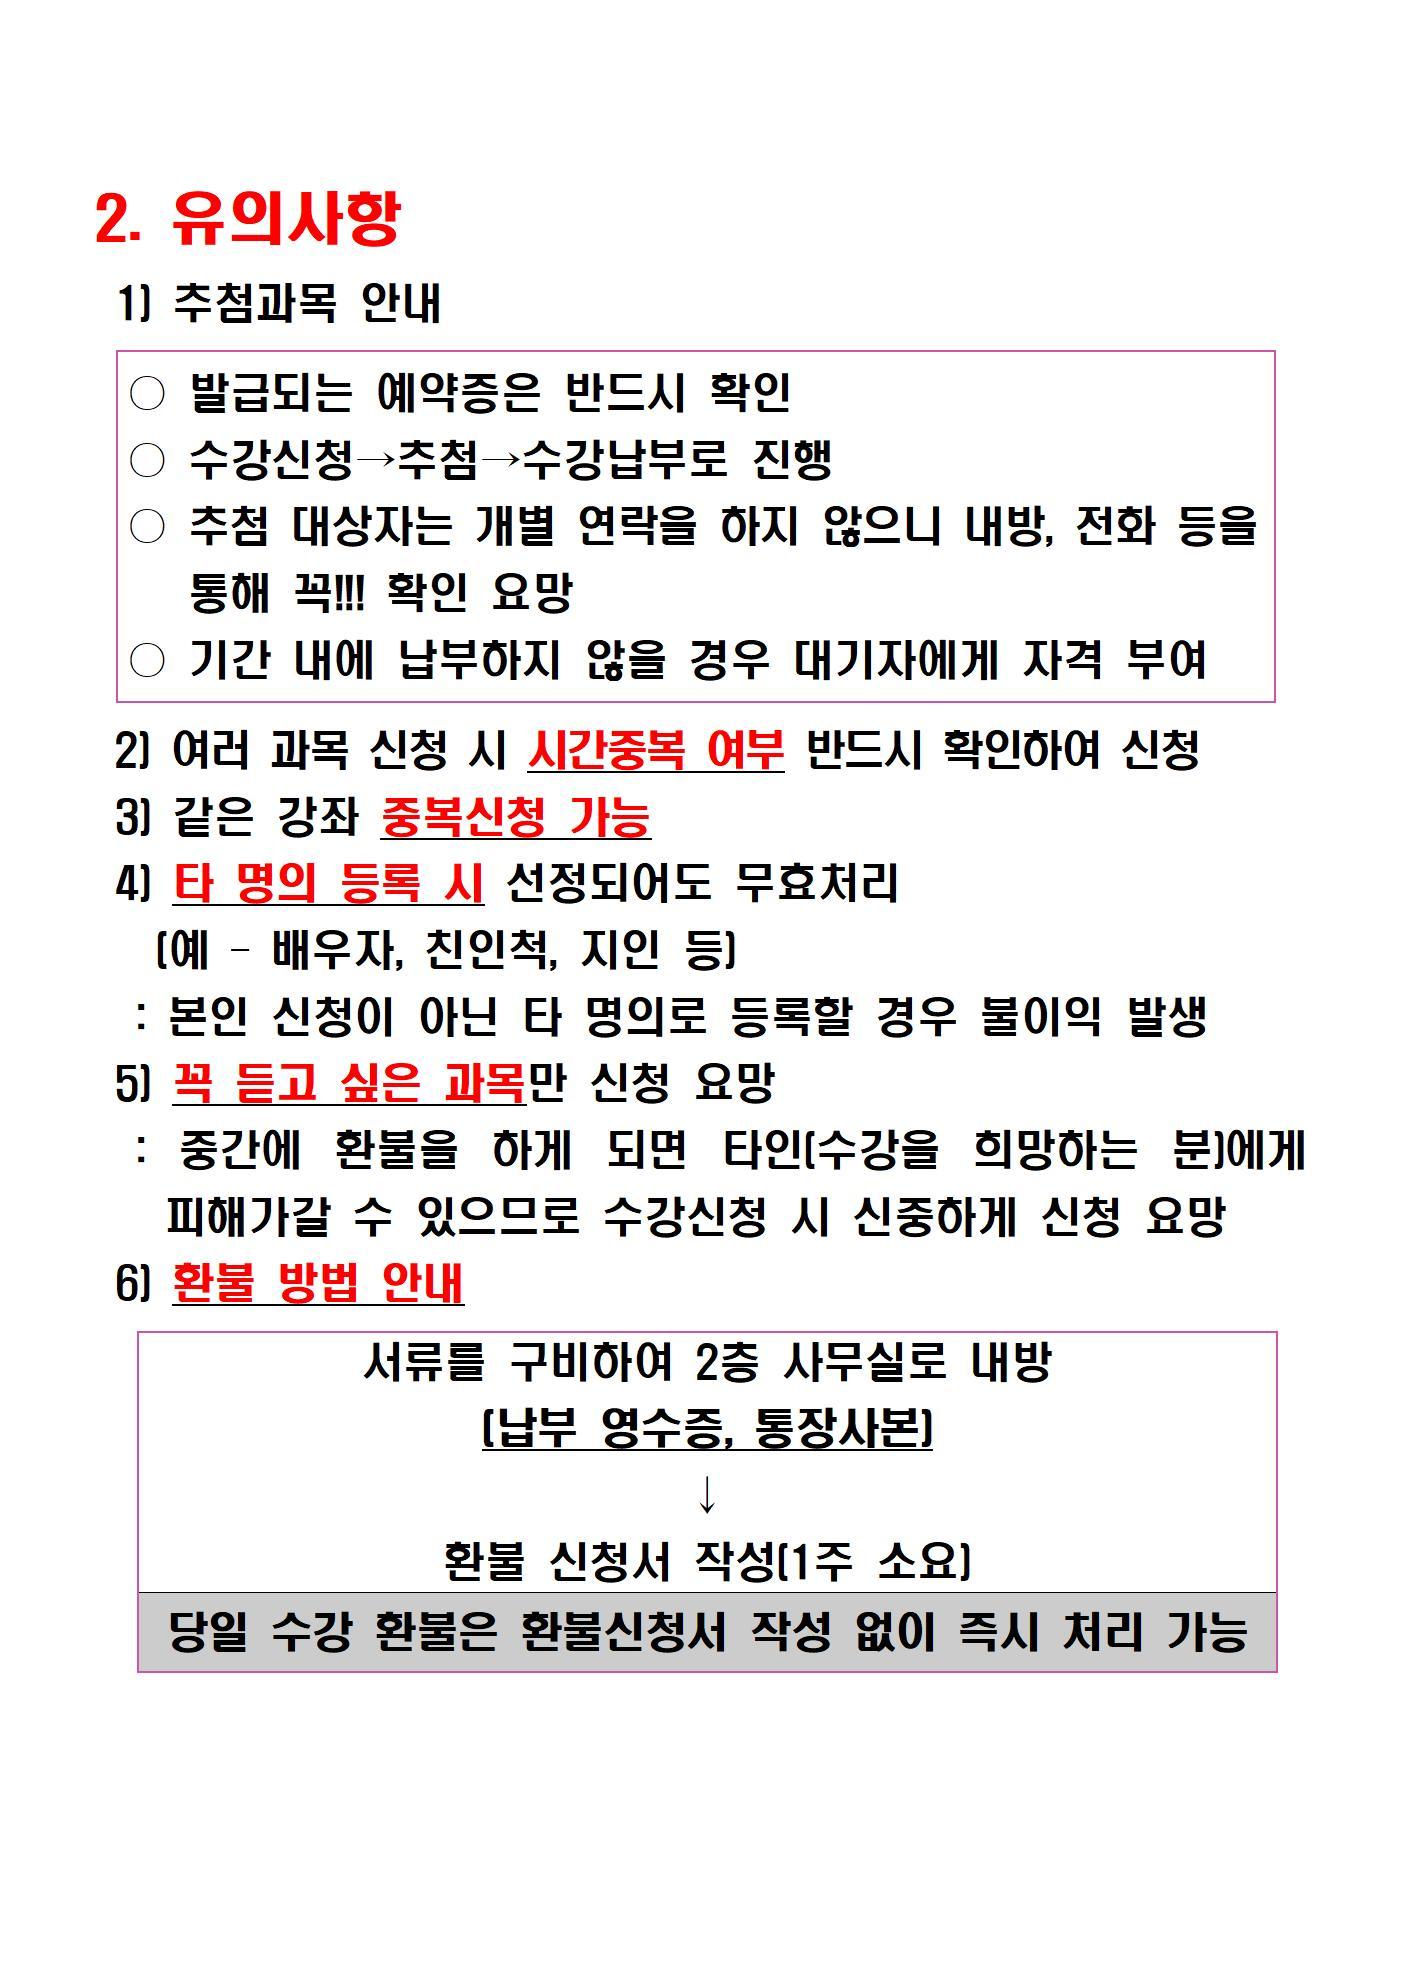 2019년 상반기 수강신청 홍보 안내5.jpg